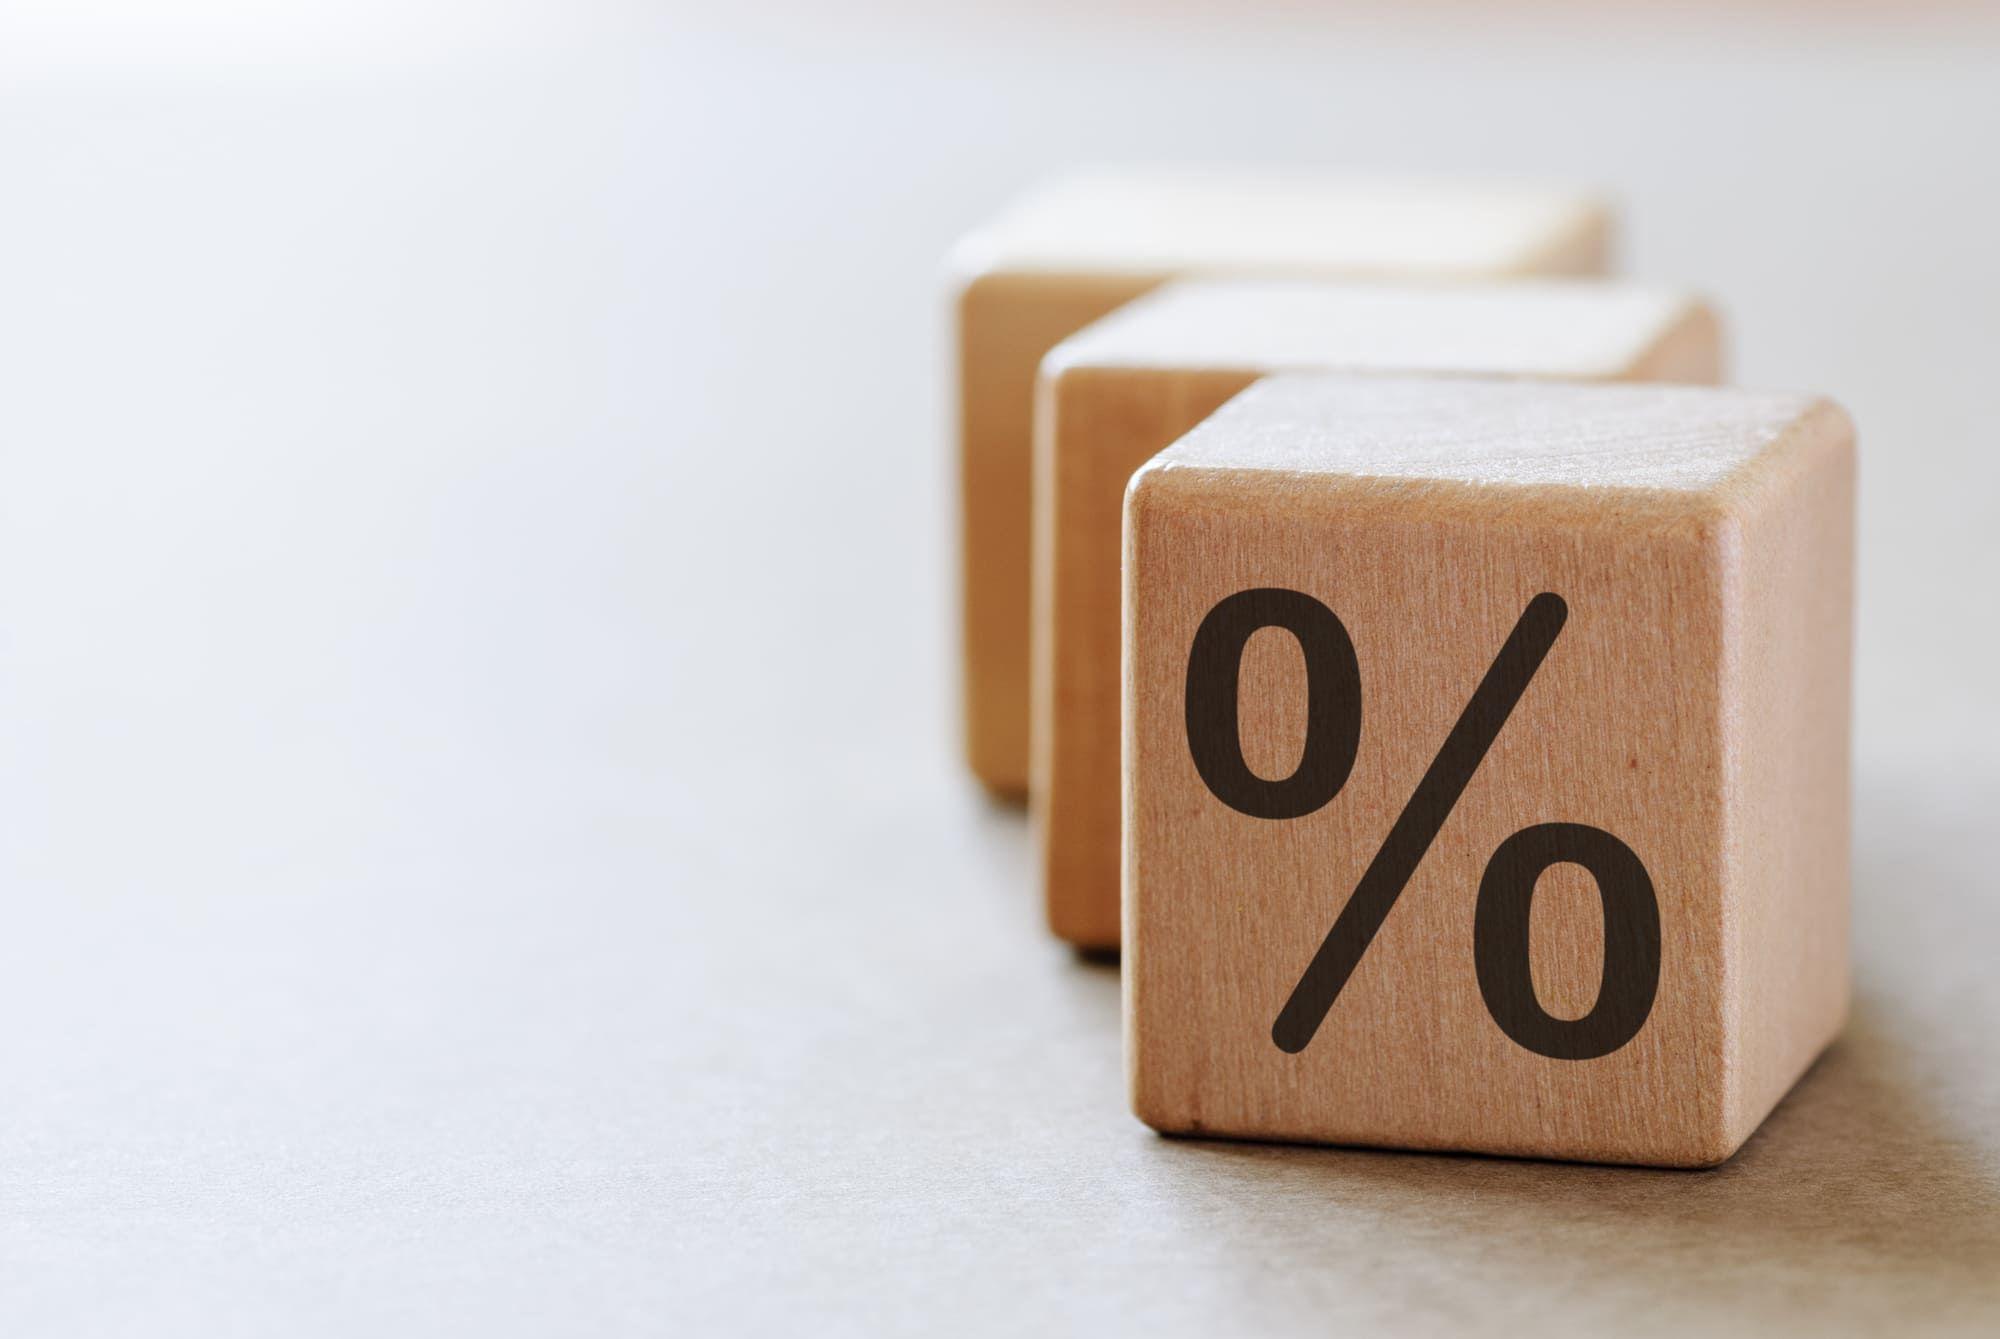 Центробанк вновь снижает ключевую ставку